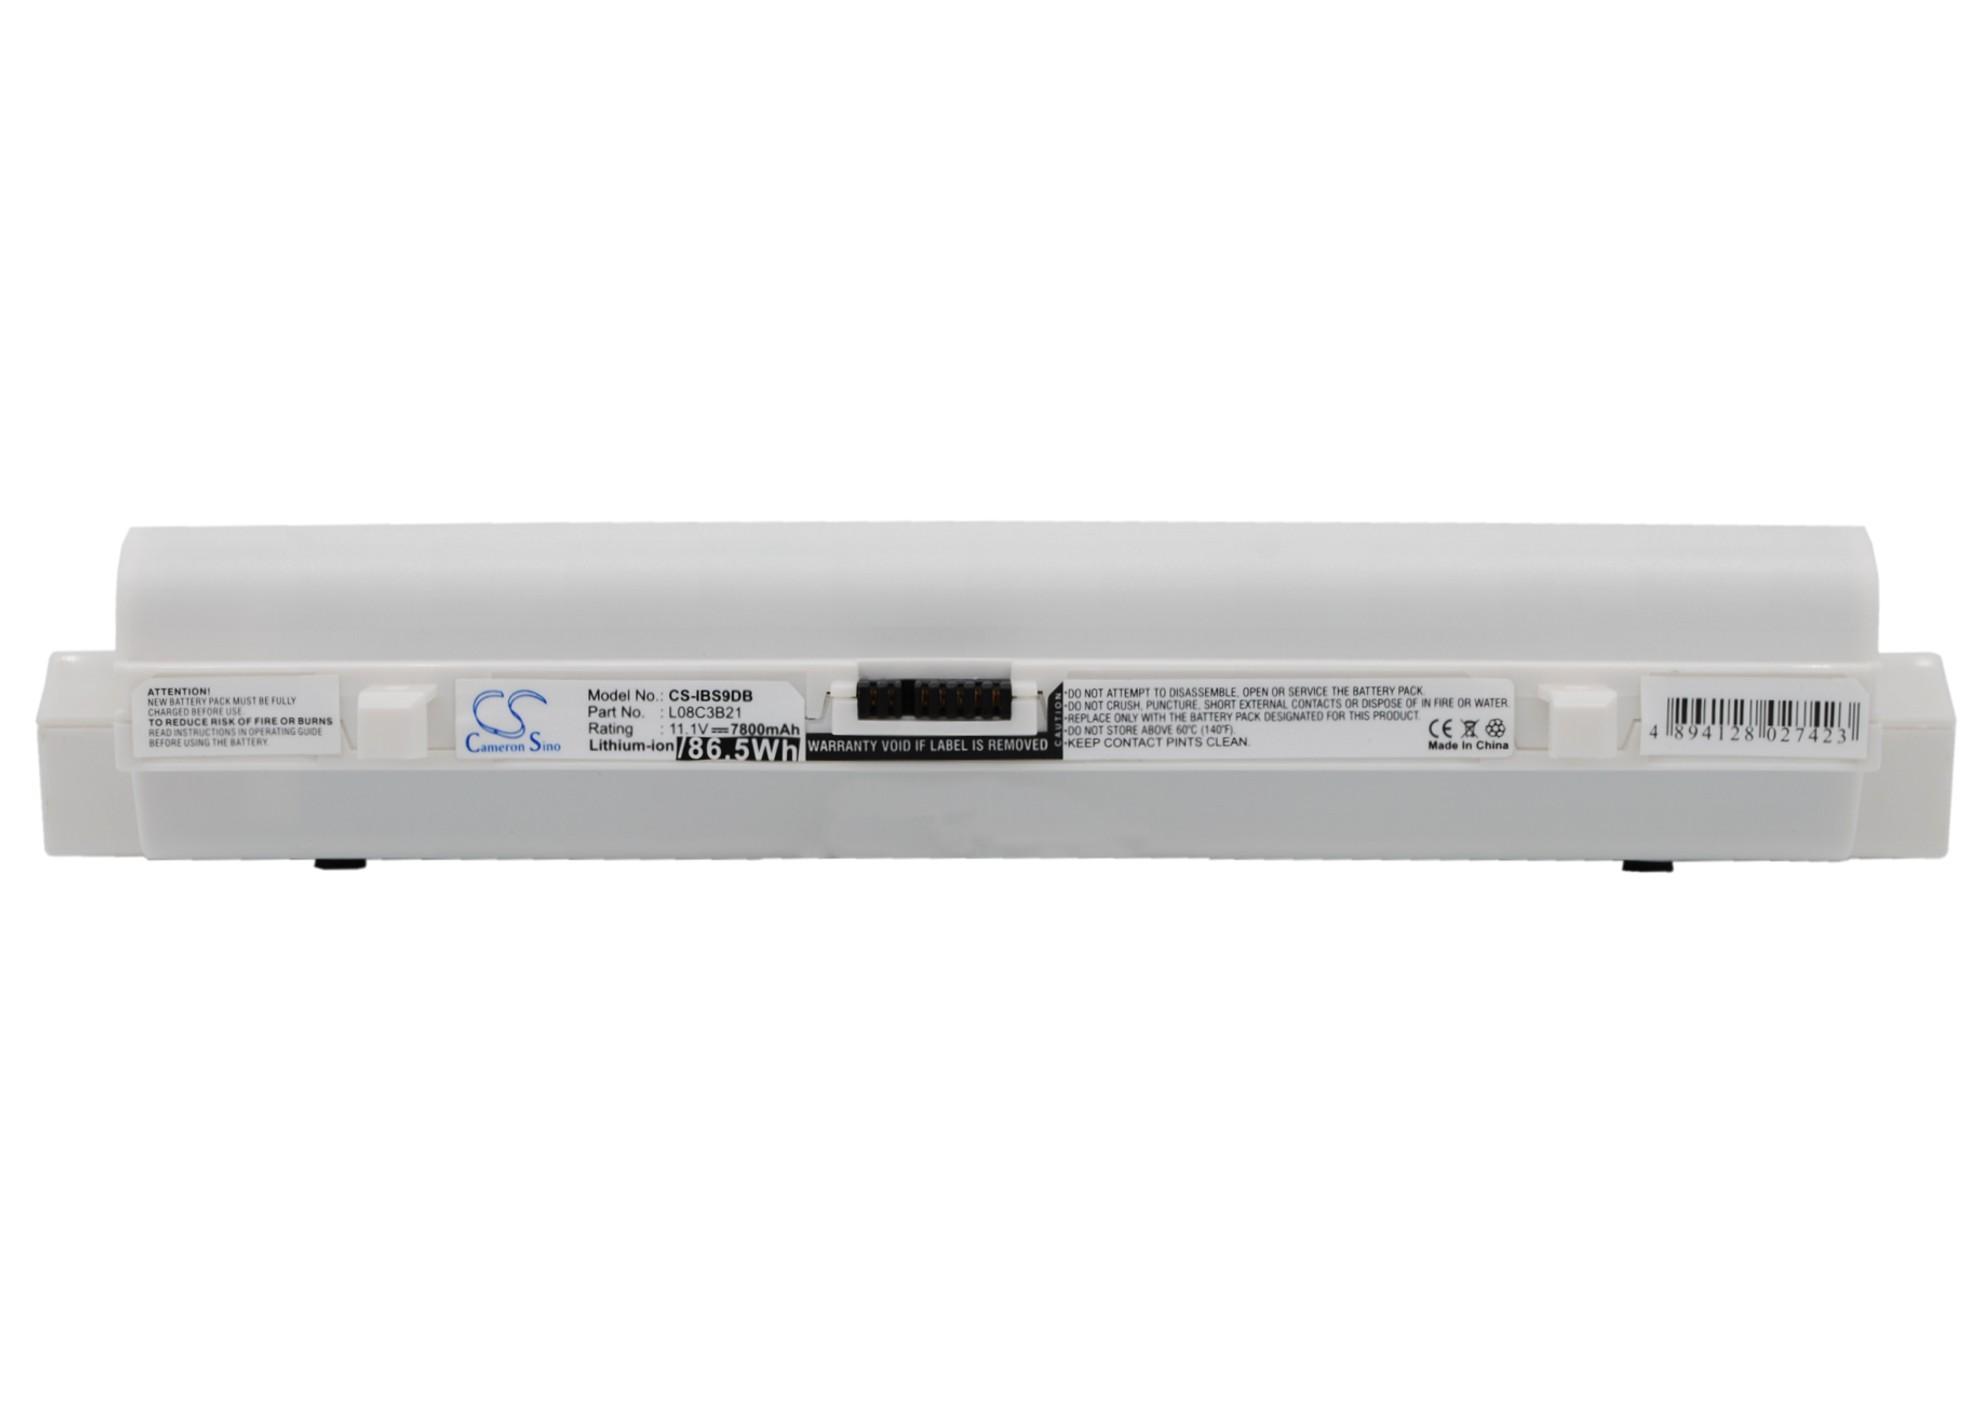 Cameron Sino baterie do notebooků pro LENOVO ideaPad S12 2959 11.1V Li-ion 7800mAh bílá - neoriginální